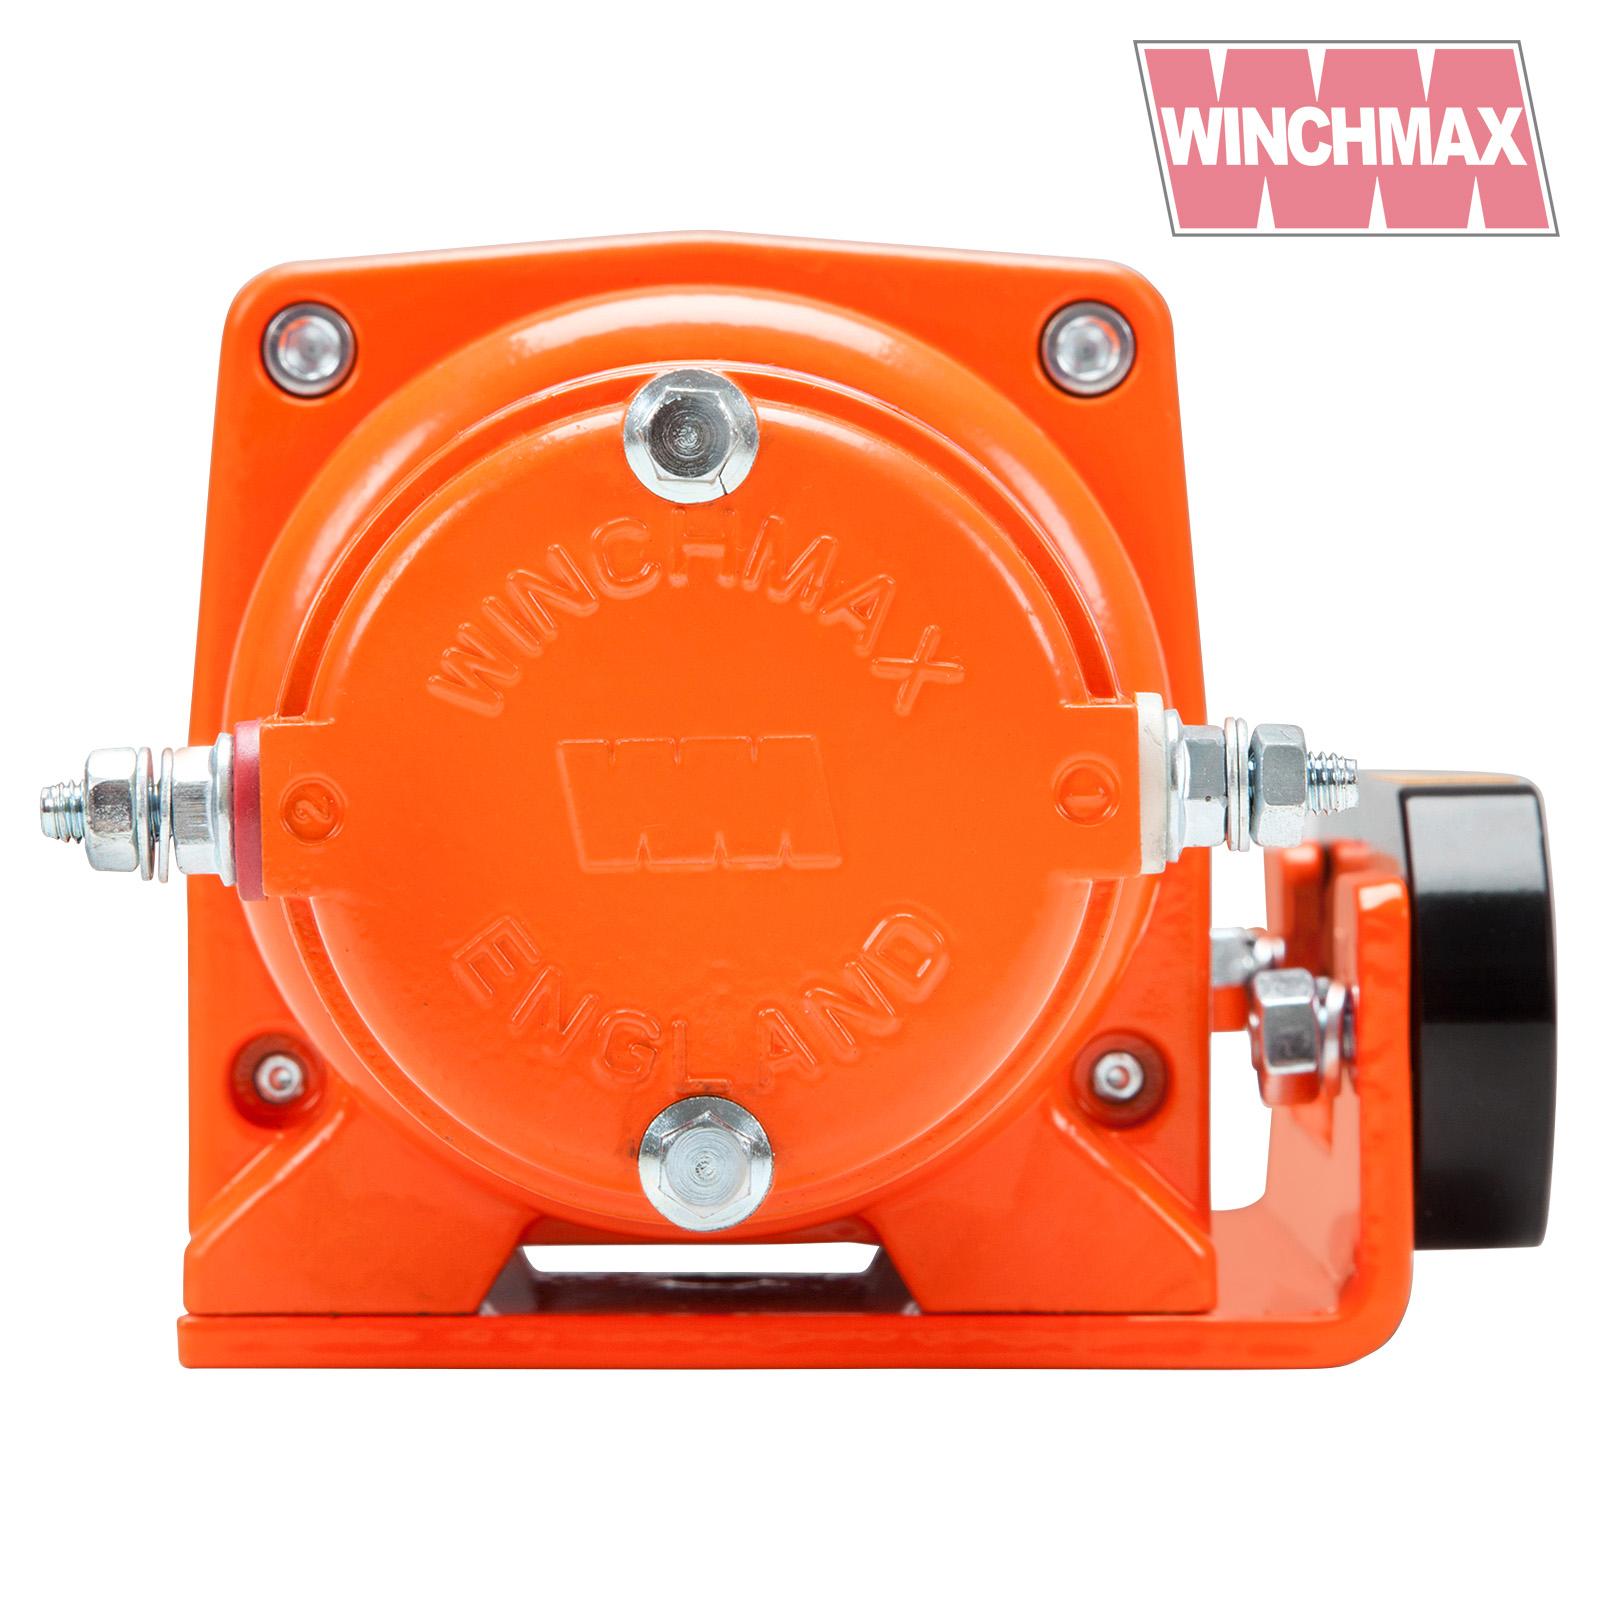 Wm300012vrs winchmax 371